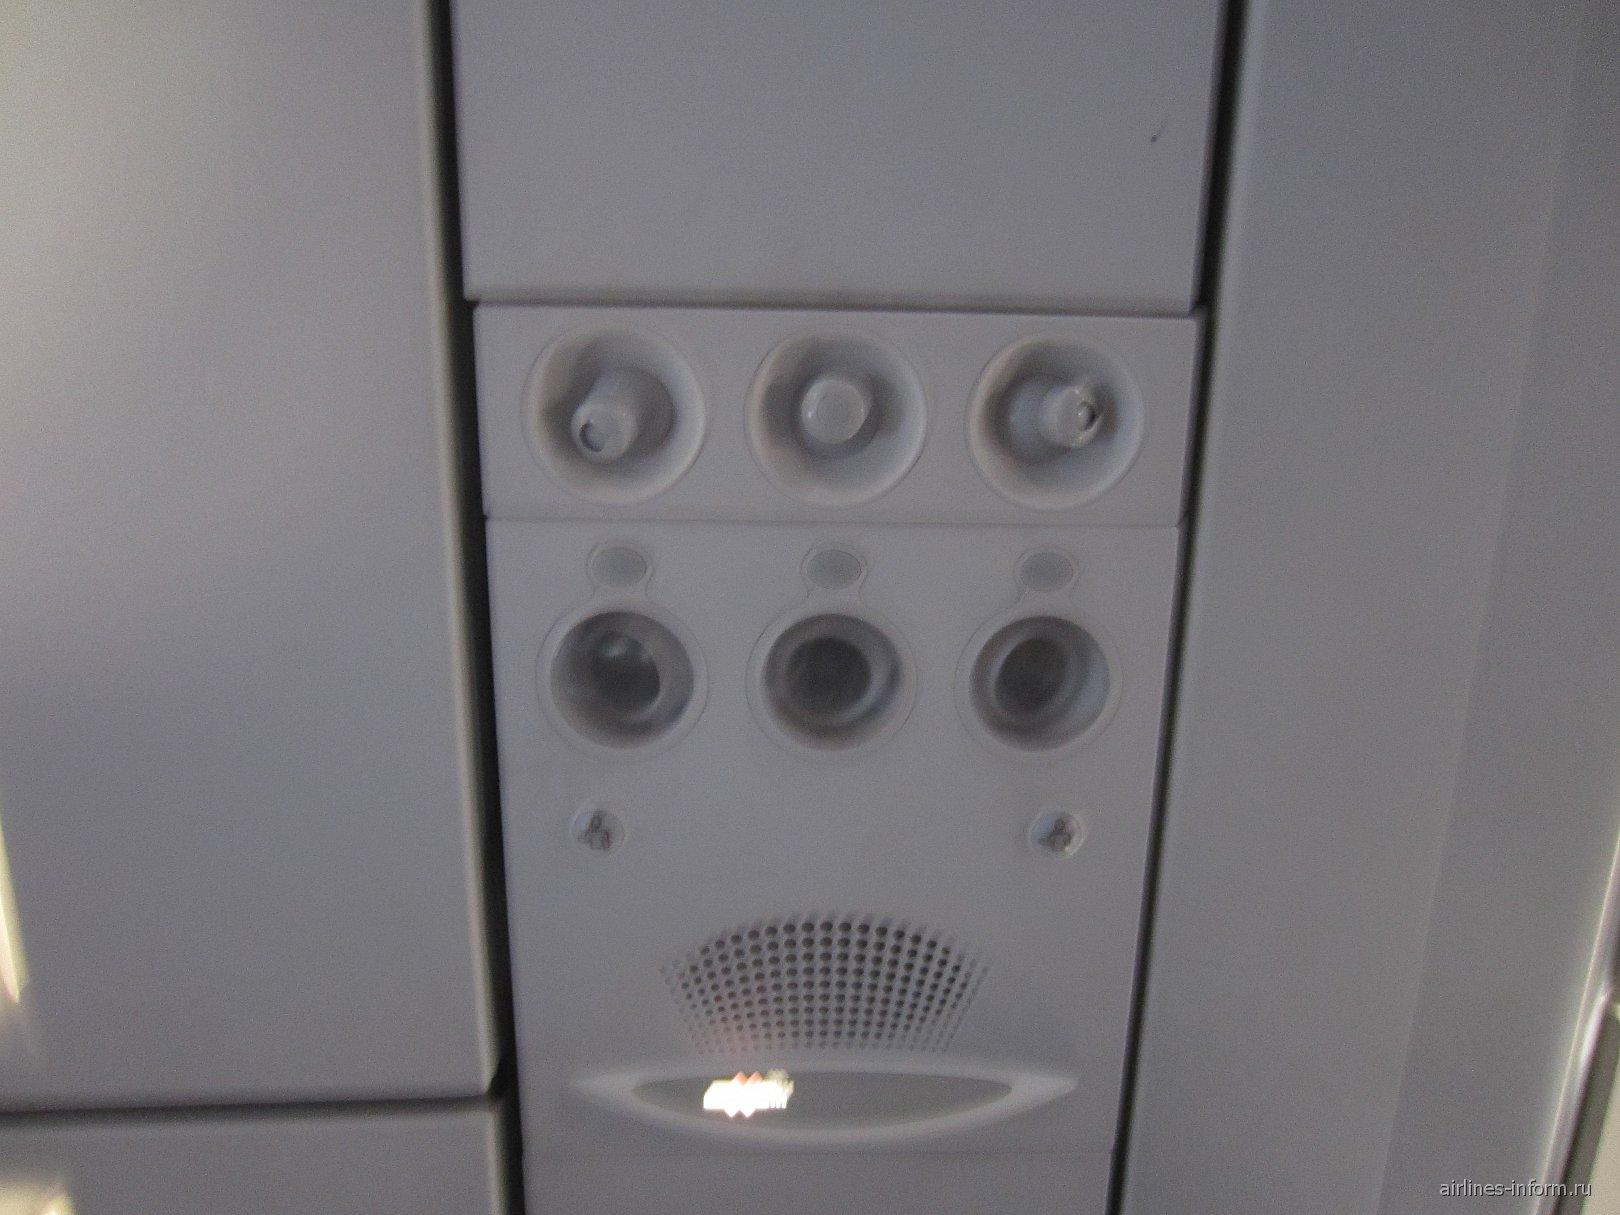 Салон самолета Airbus A320 авиакомпании Air Arabia